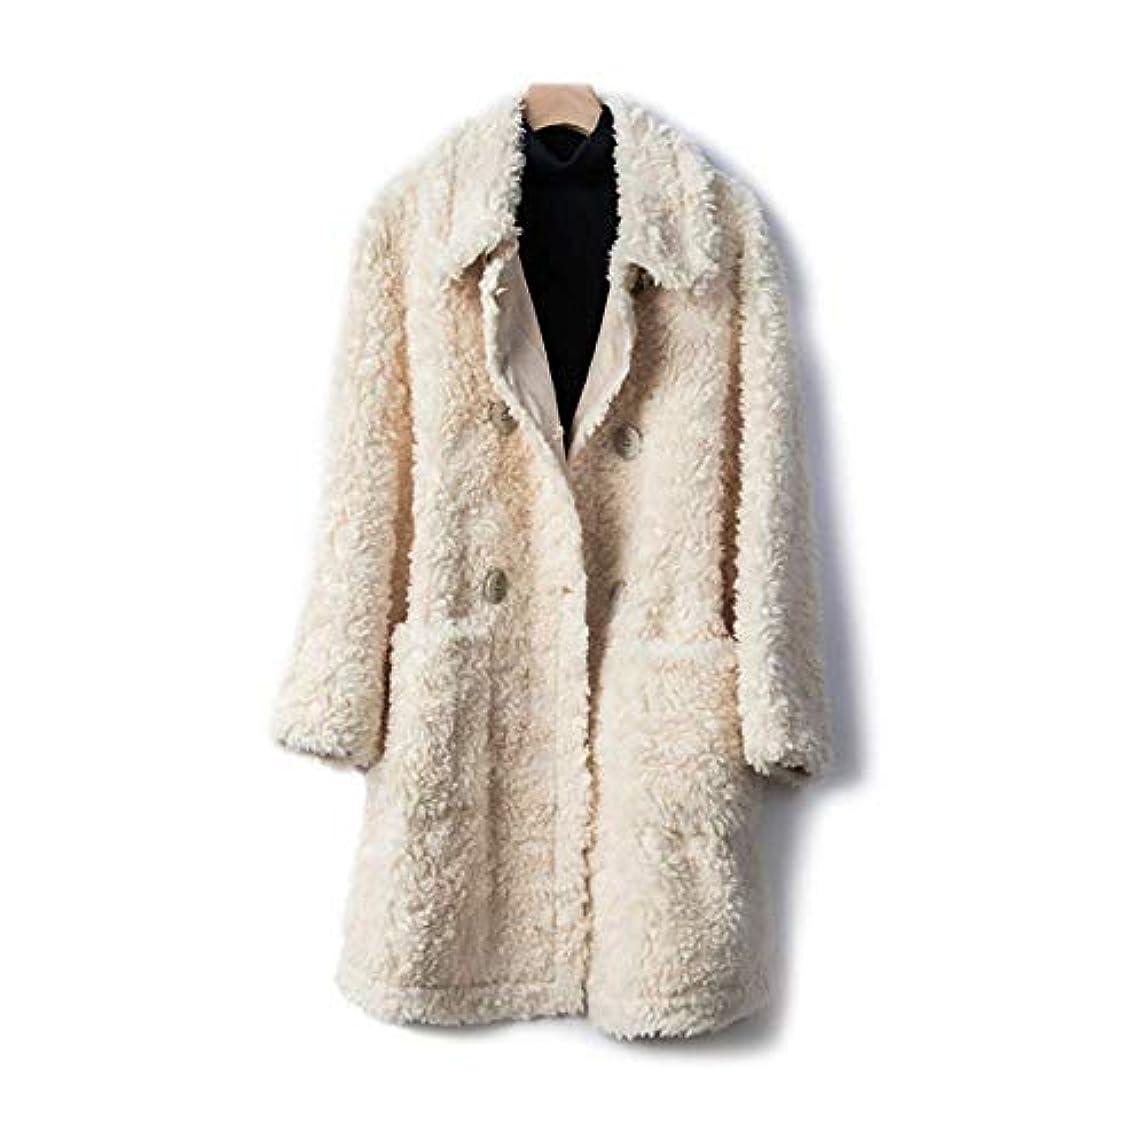 船員禁じる申請者ウールコート、ダブルブレストウールコートコート19秋と冬婦人服婦人ジャケット婦人コート婦人ウインドブレーカージャケット,D,M